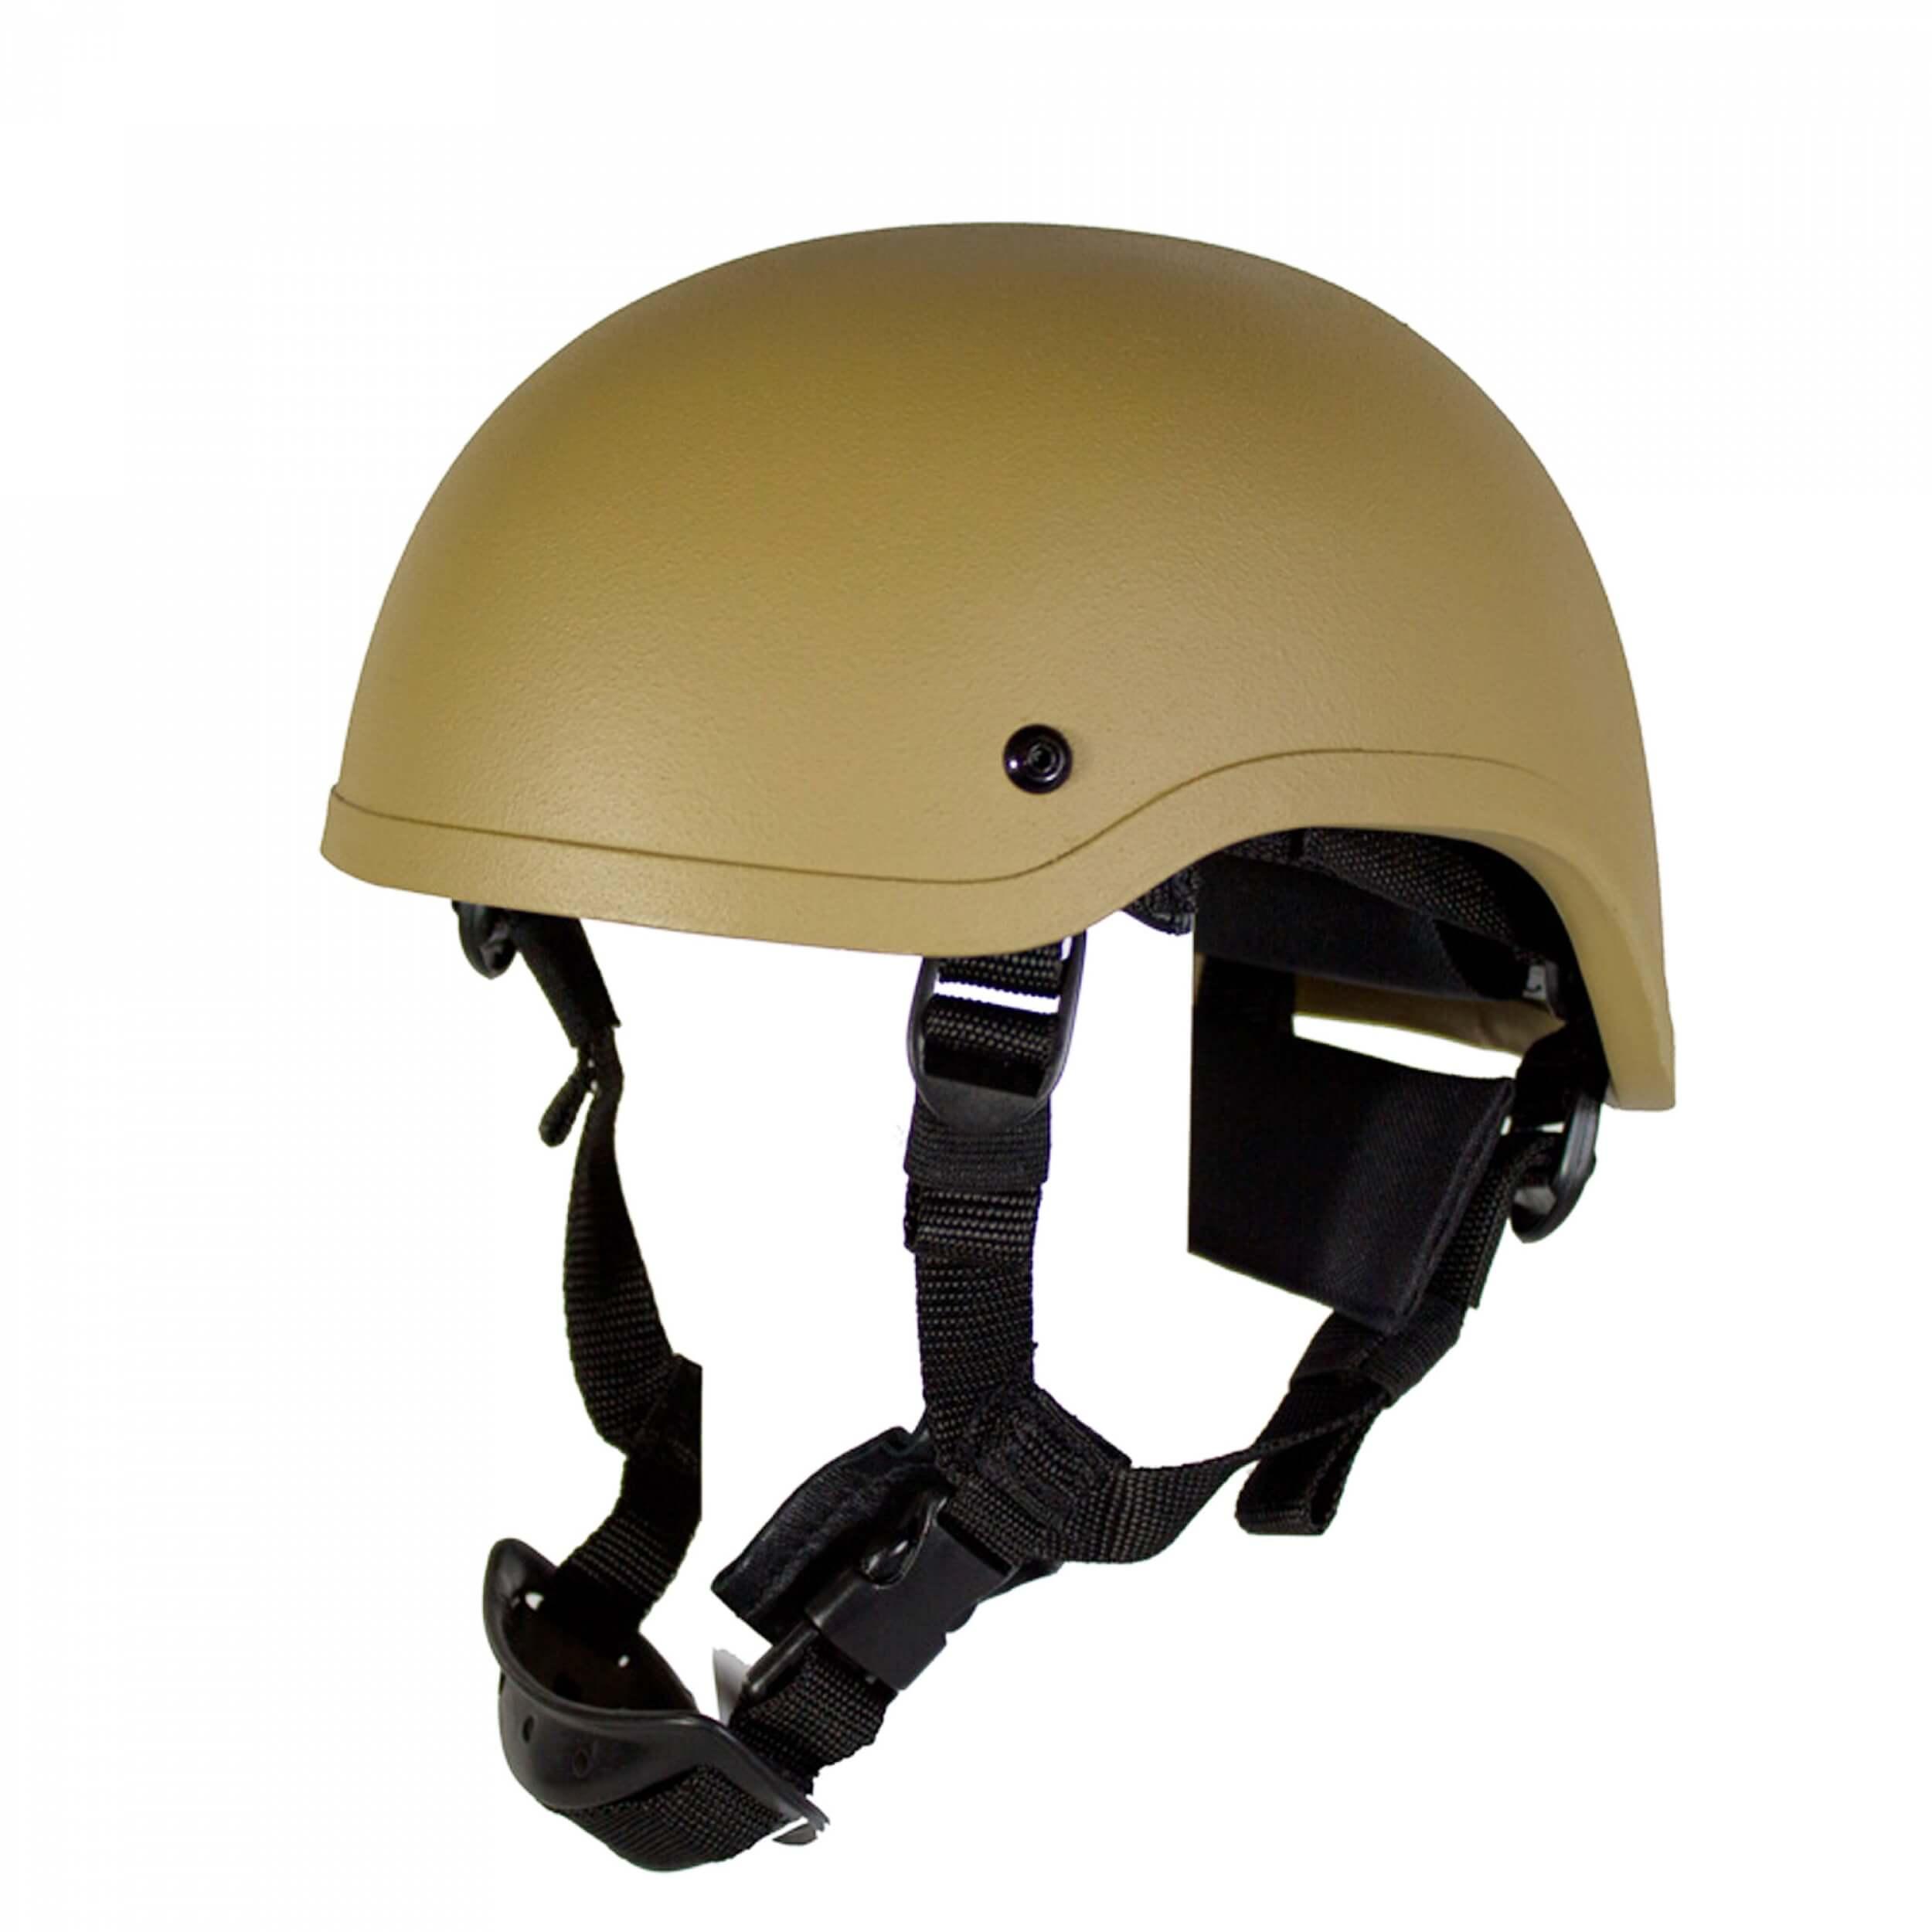 HCS Special Forces Helm mit Pads Khaki